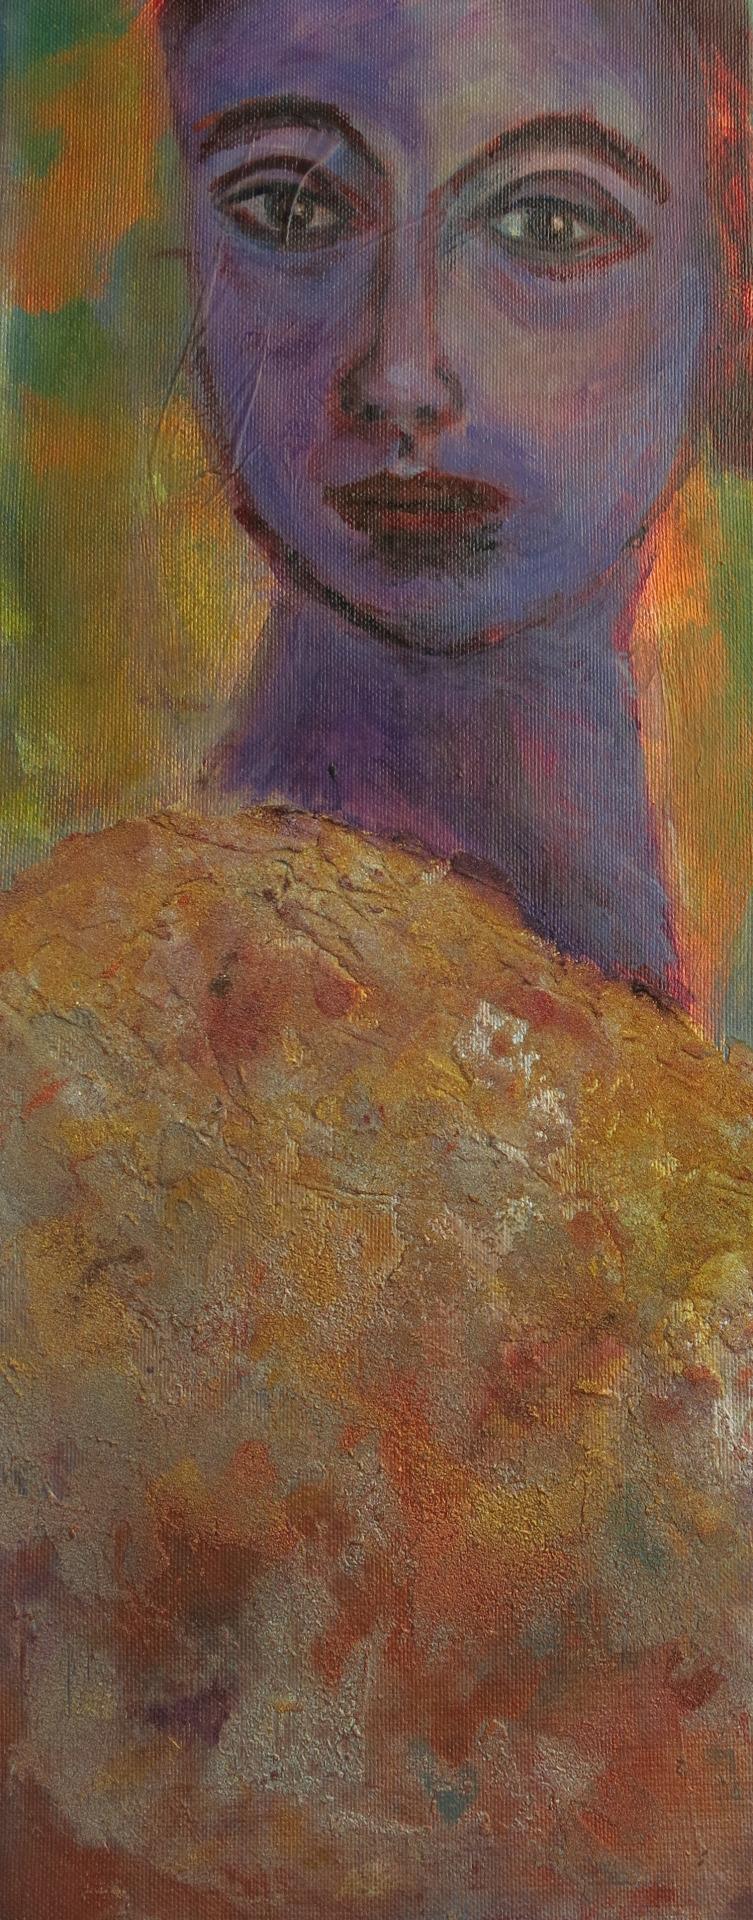 violette Dame, Mischtechnik auf Leinwand, 50x20 cm, 2014